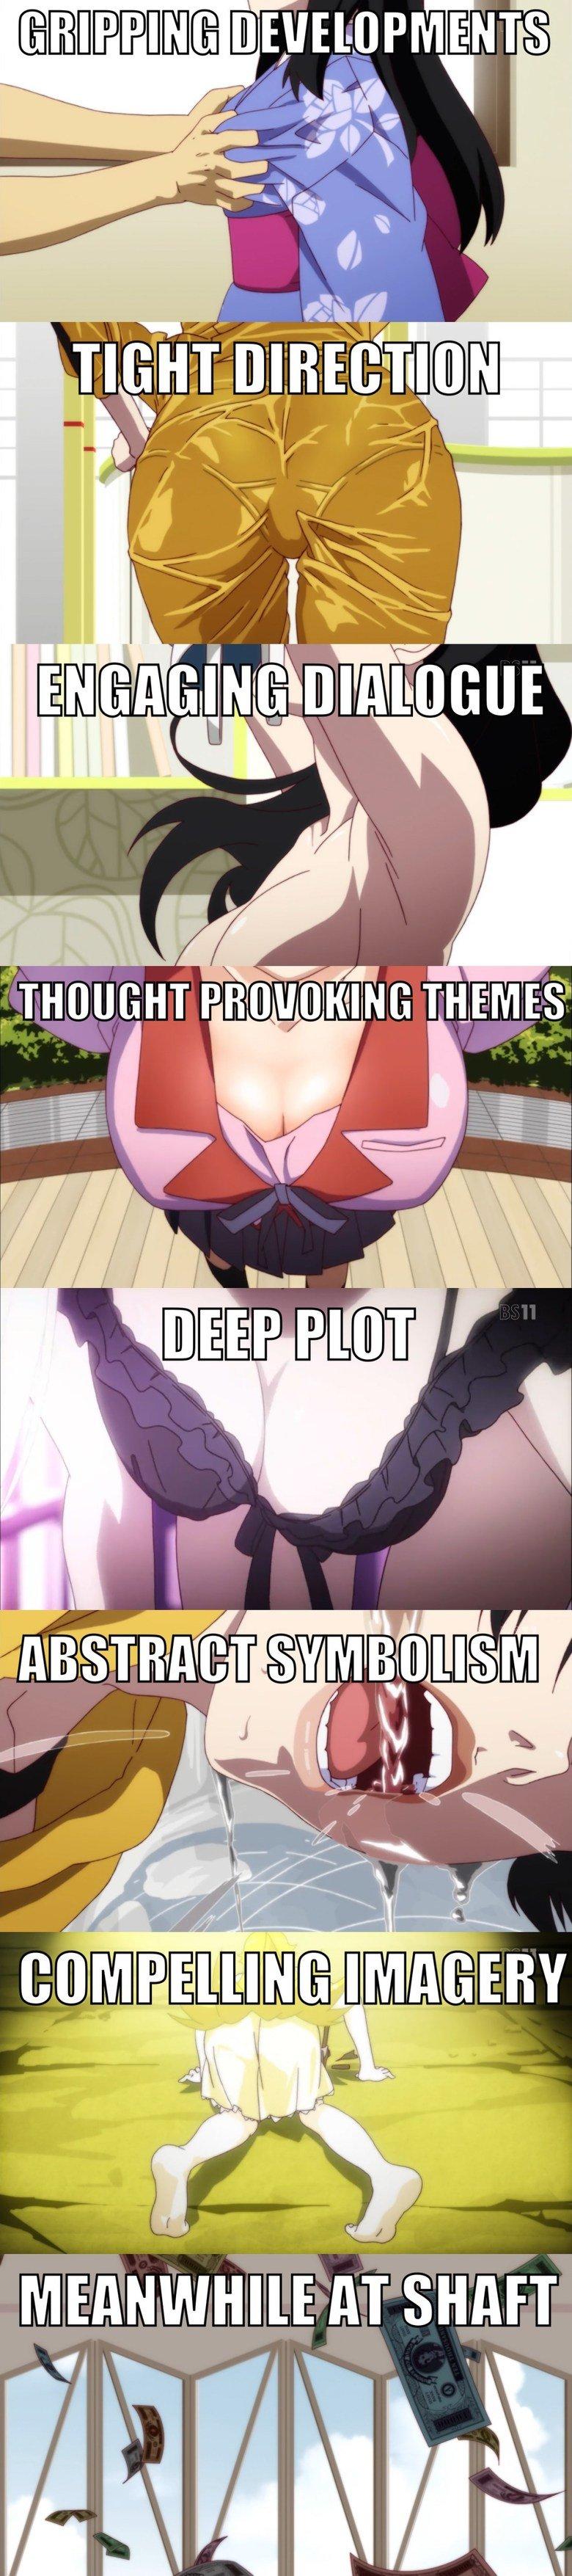 SHAFT. shaft is a producer.. sir, MRS AT SHAFT ifr; Anime Shaft nekomonogatari